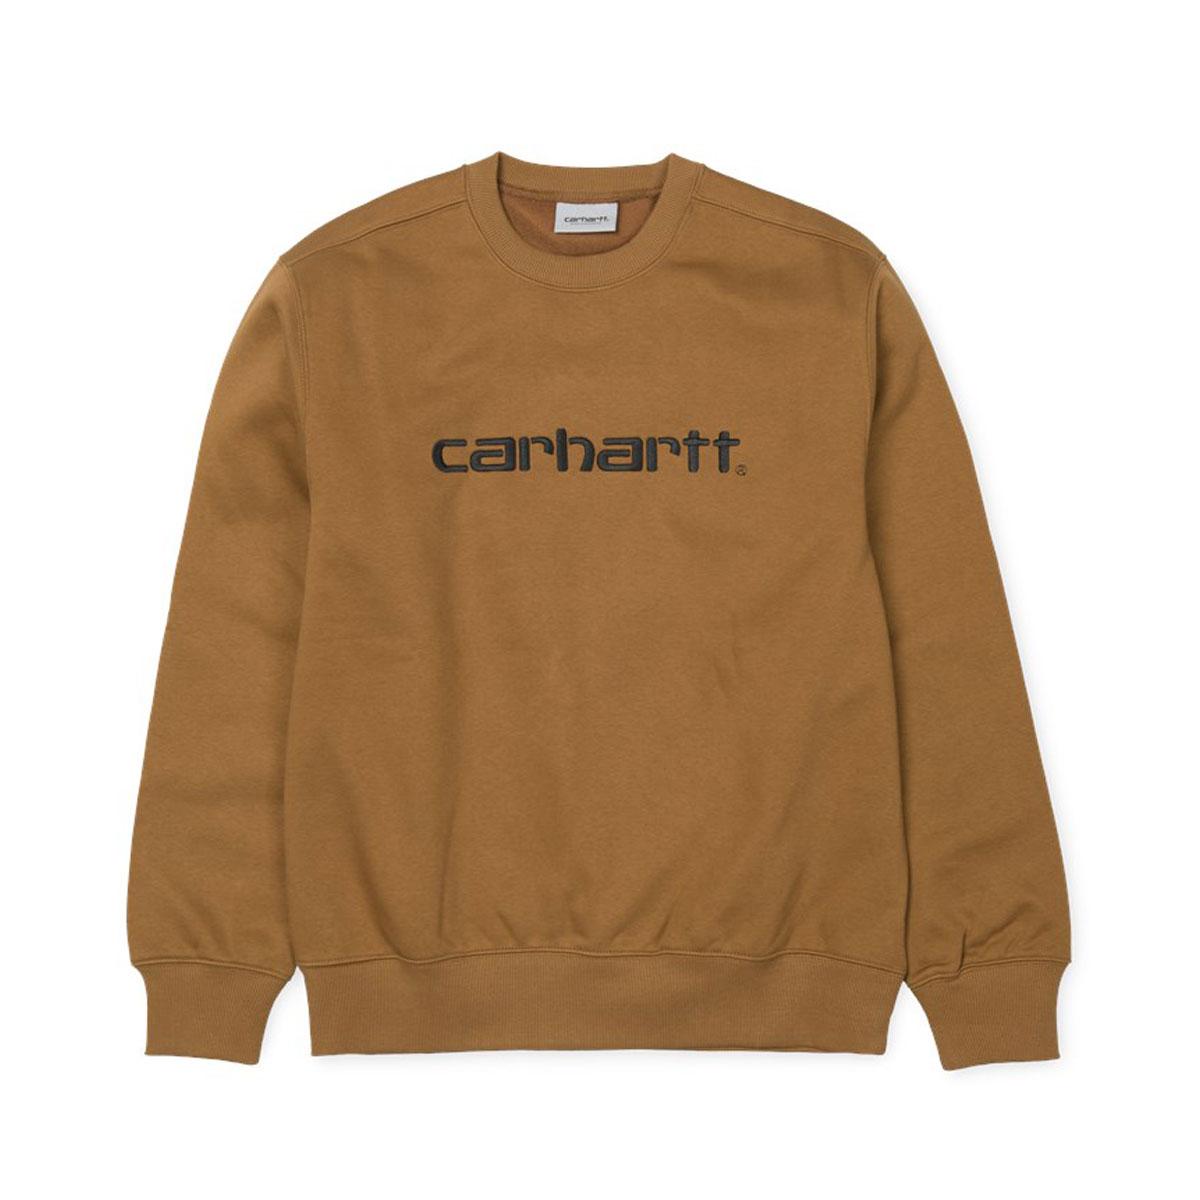 CARHARTT CARHARTT SWEATSHIRT(カーハート スウェットシャツ)H.Brown/Black【メンズ レディース スウェット】18FW-I